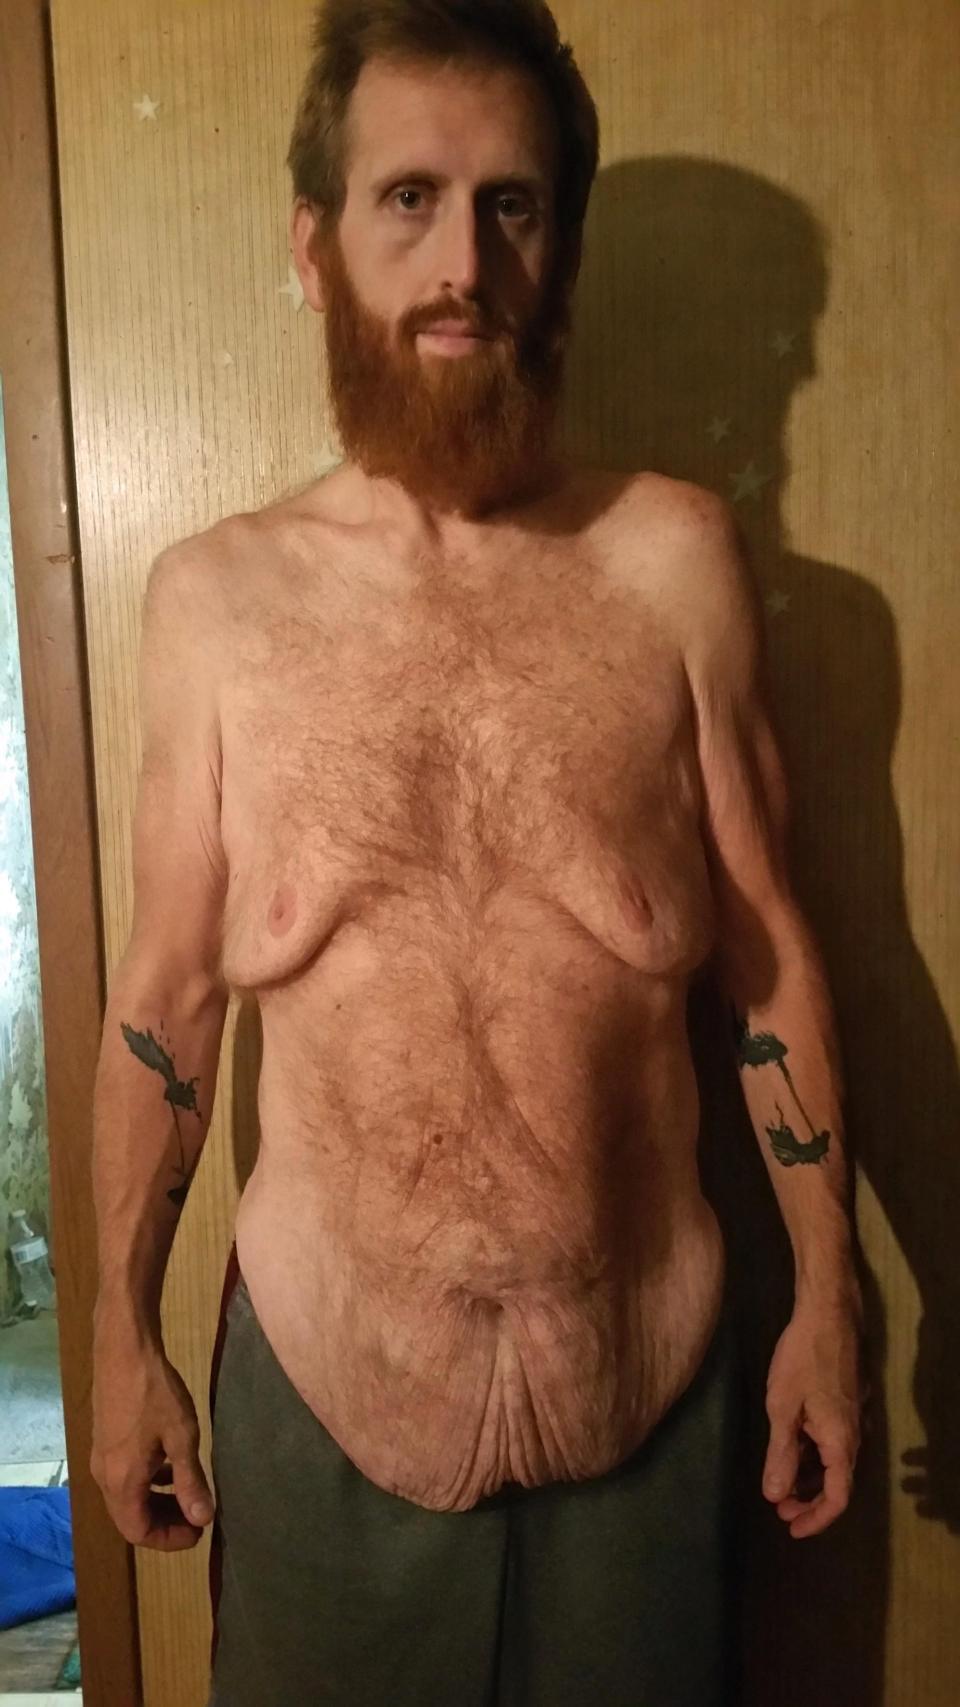 Чтобы не умереть от лишнего веса, американец скинул 160 кг